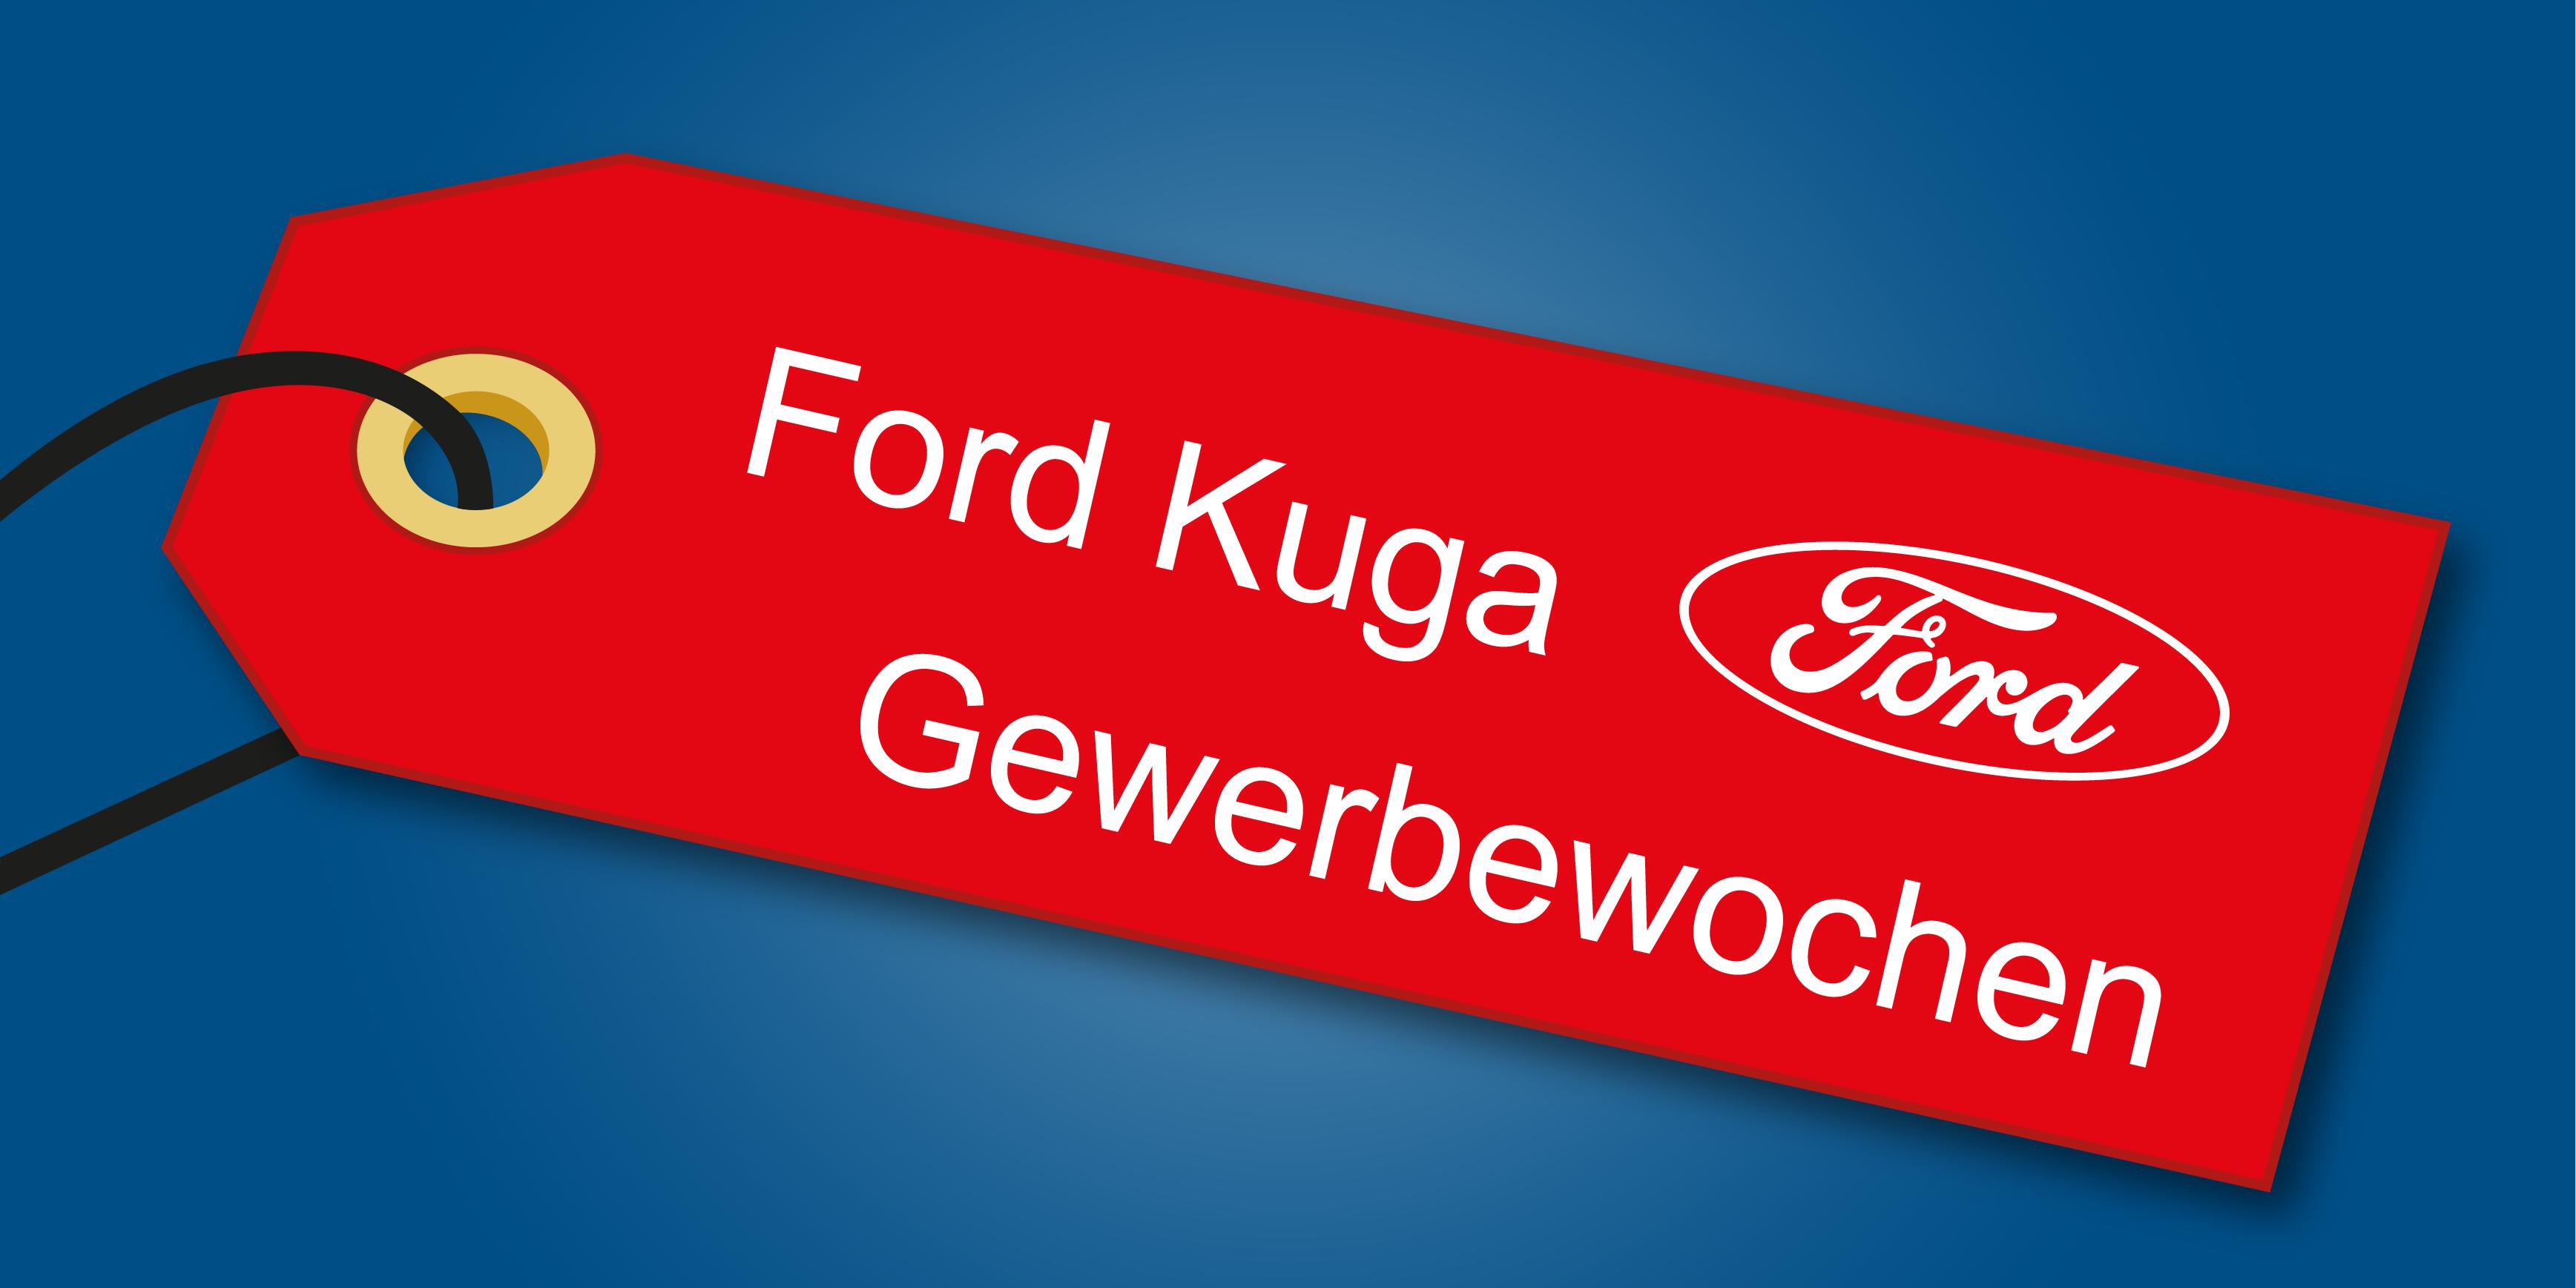 Gewerbeangebot - Ford Kuga bei Auto-Jochem GmbH